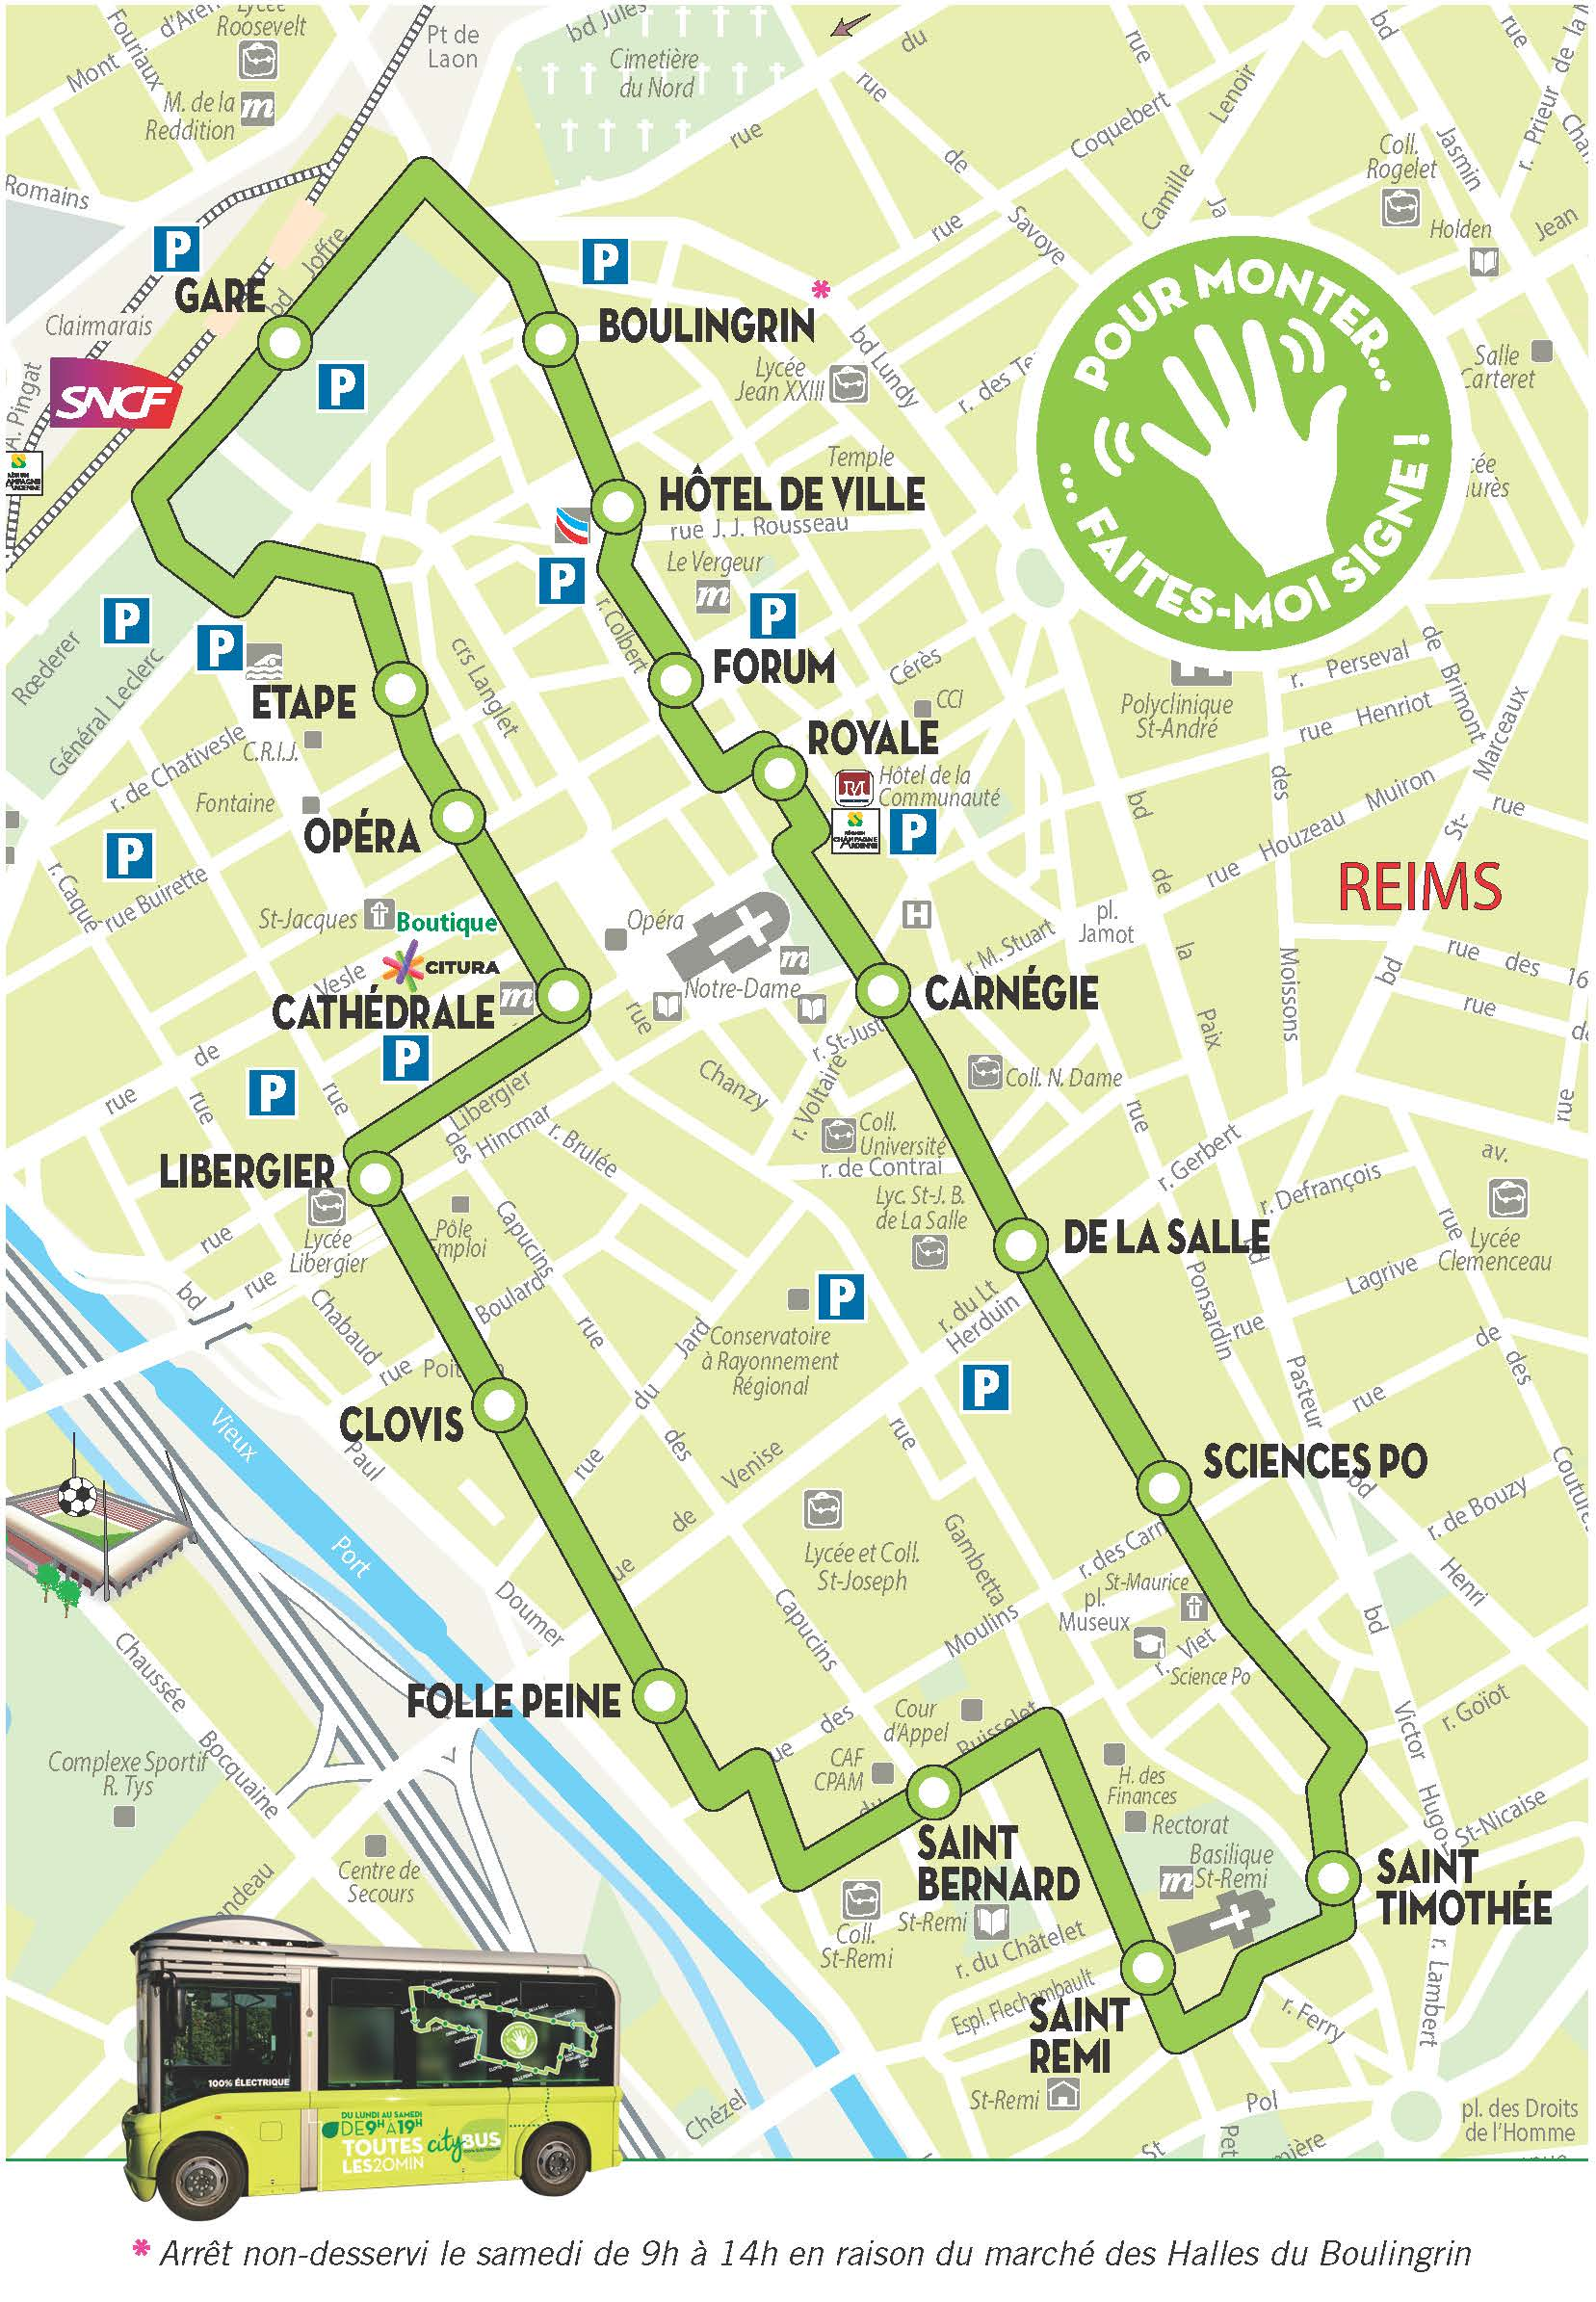 PLan Citybus 2016 Городской транспорт Реймса